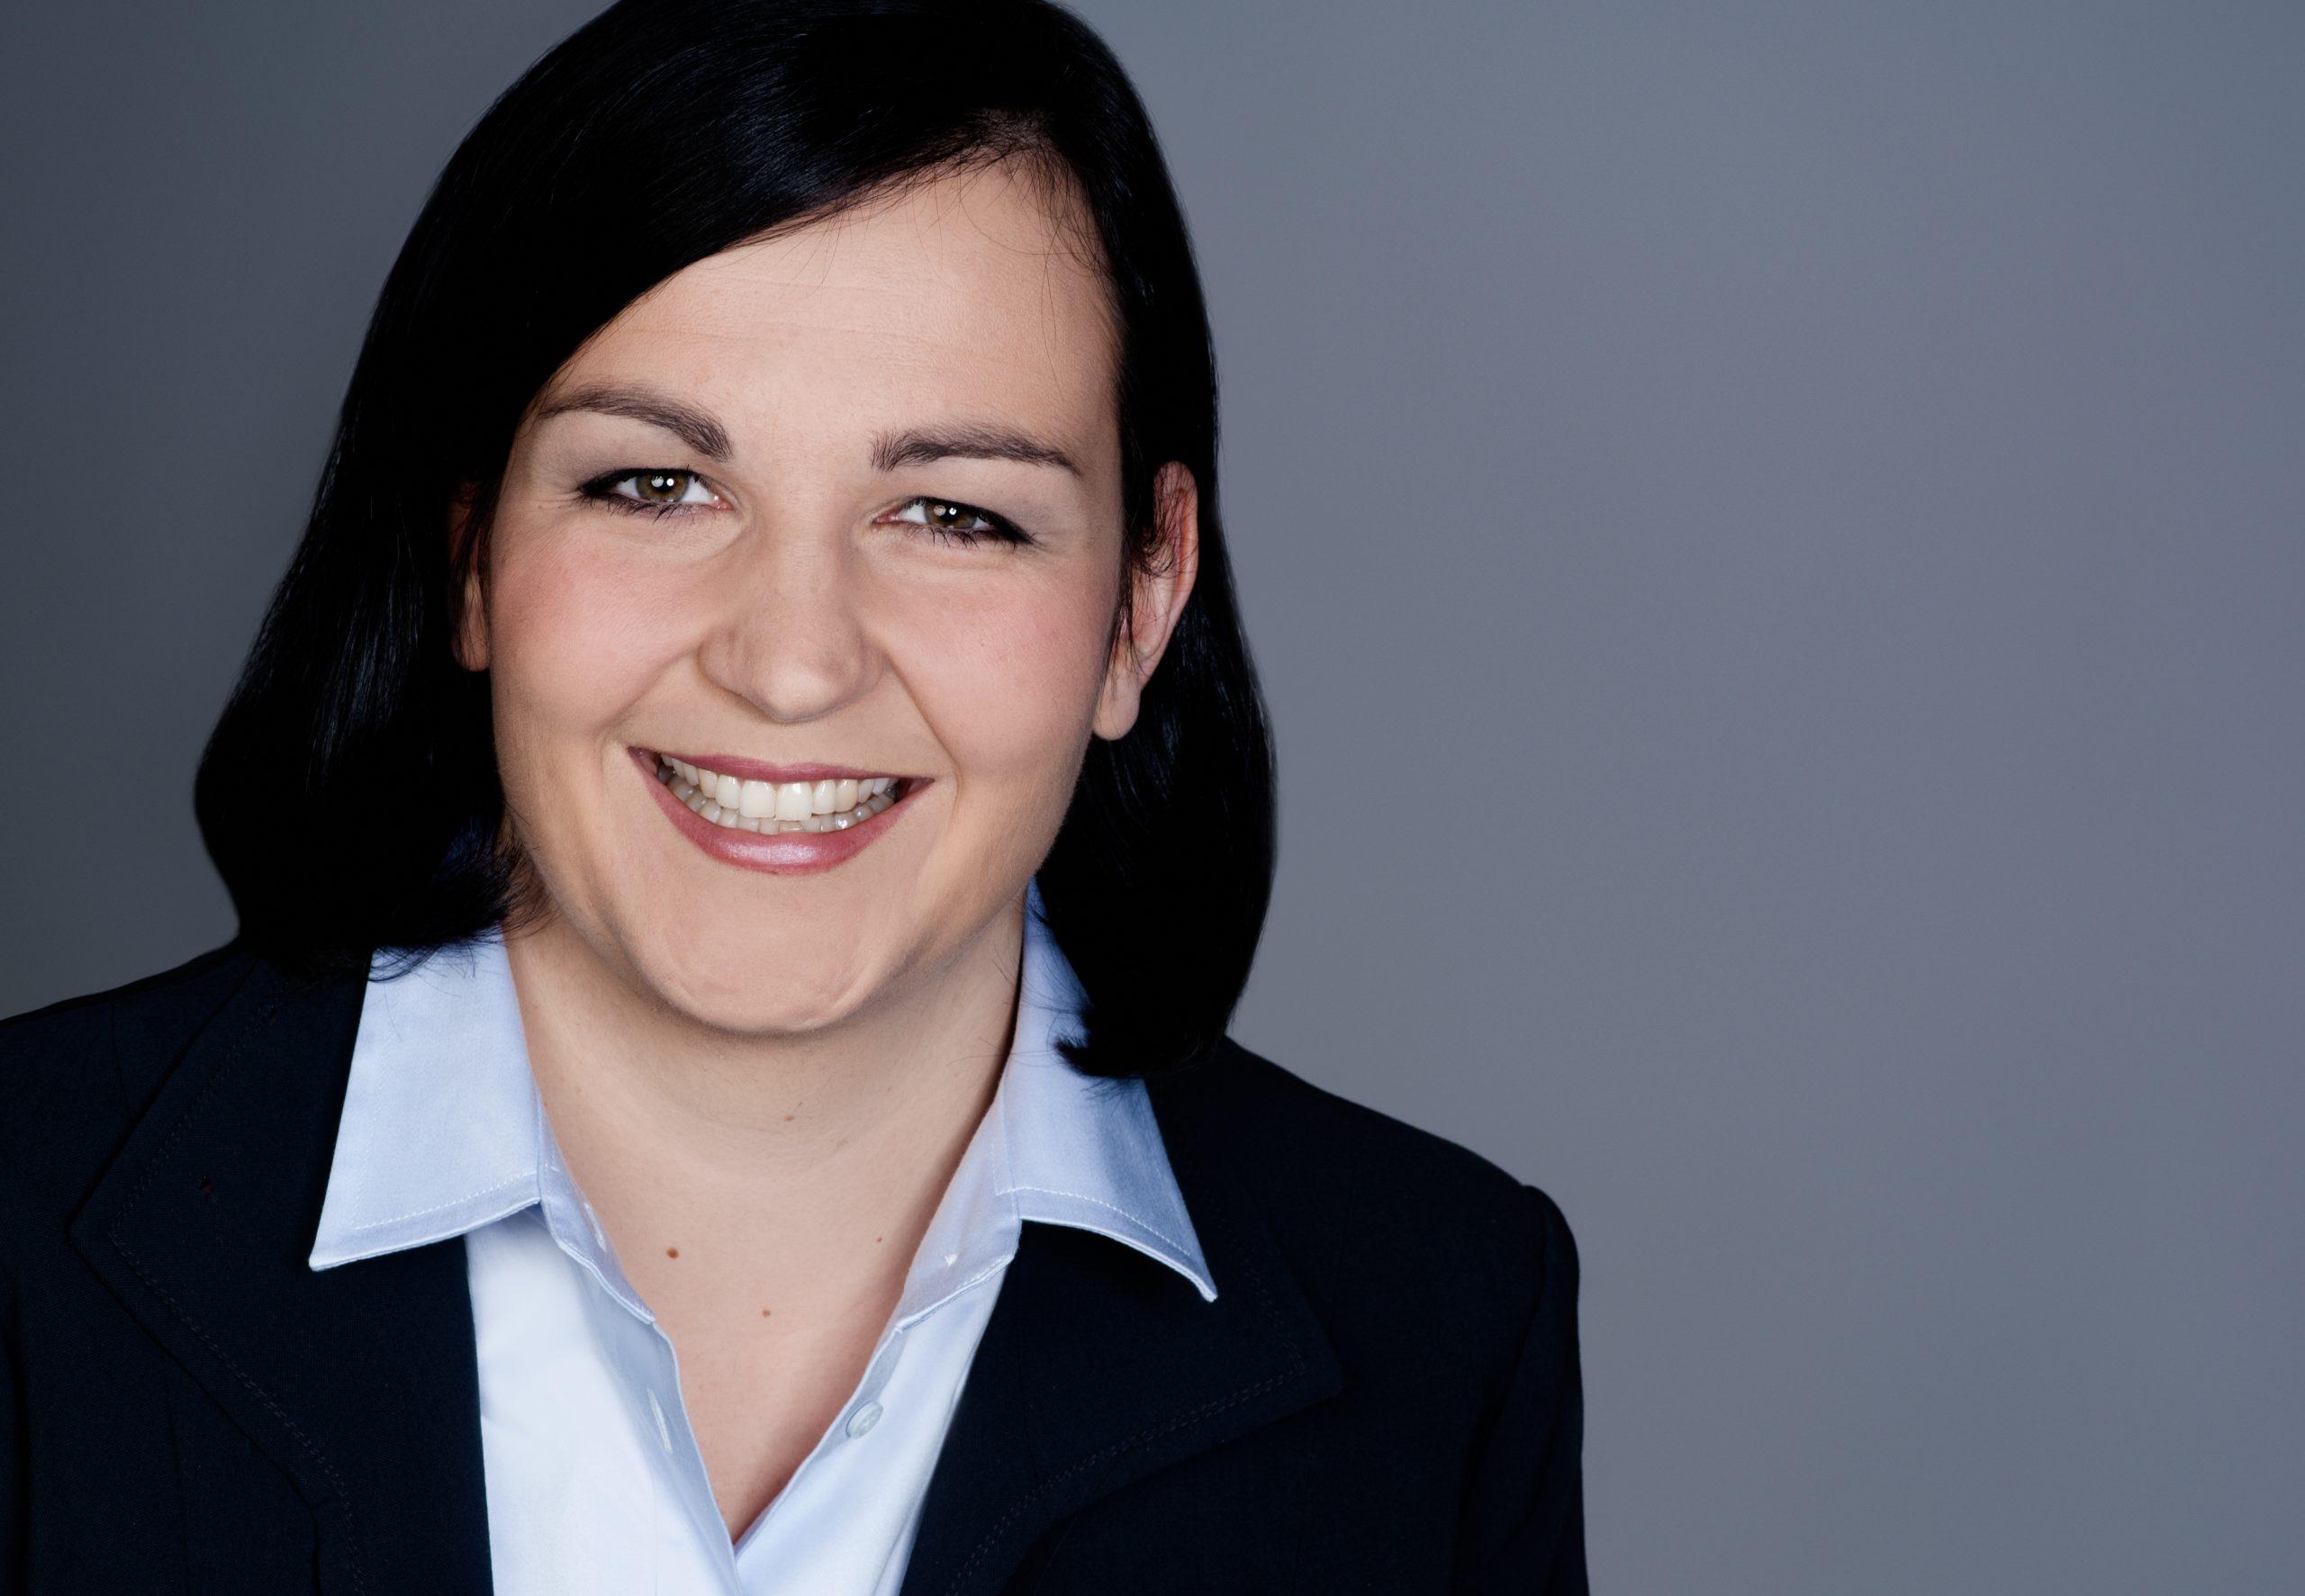 Dr. Kerstin Liesem